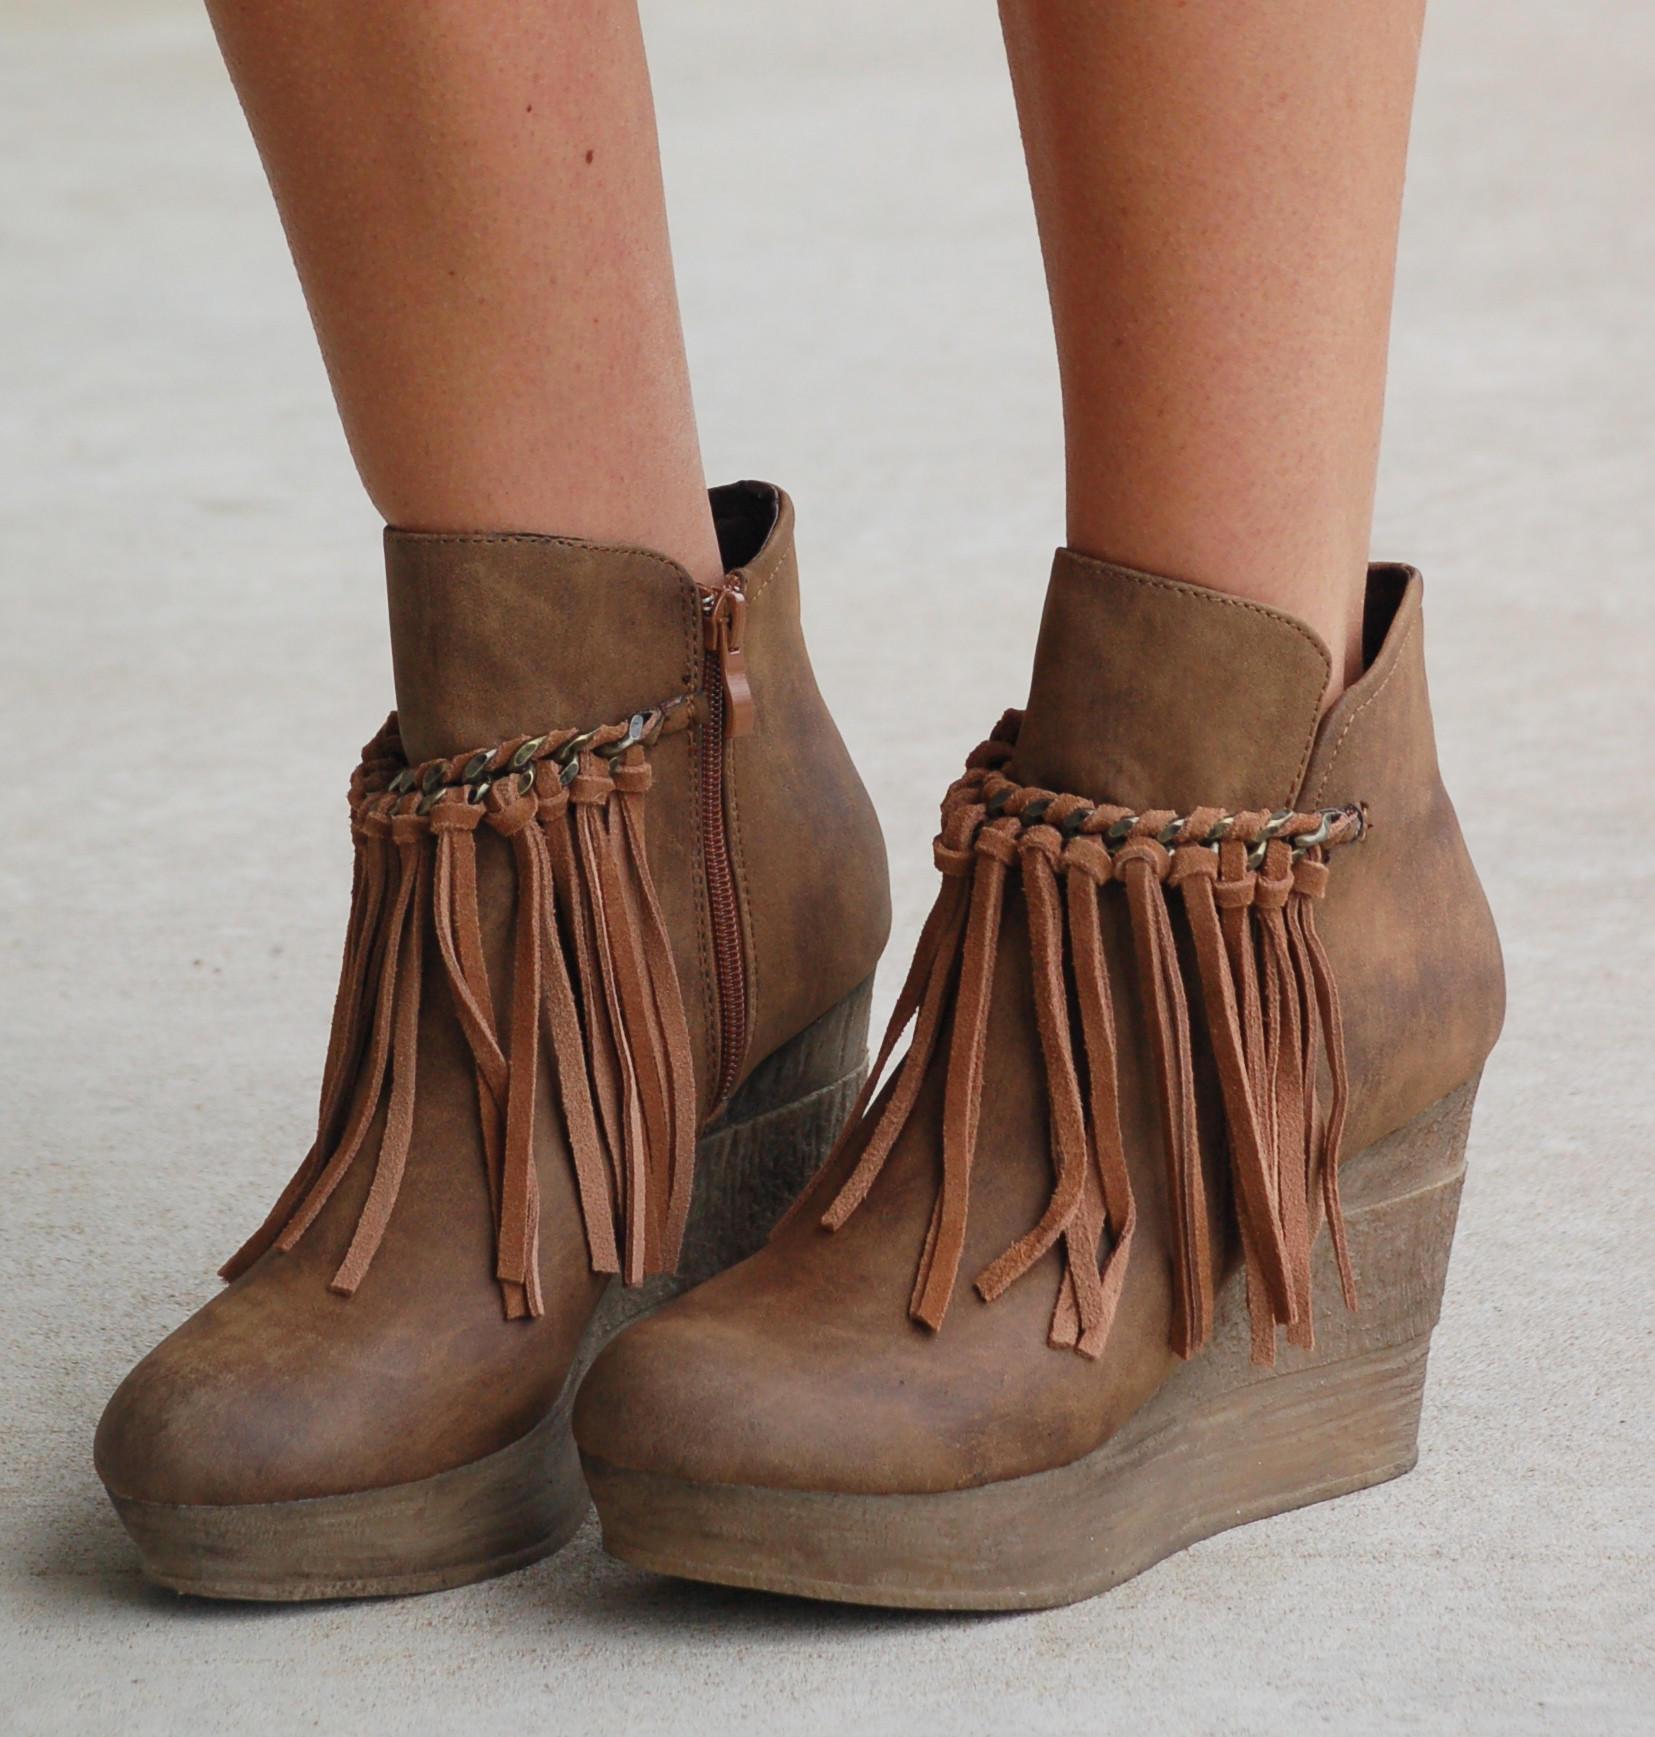 ff0af8b09b2 Wedge Boots With Fringe